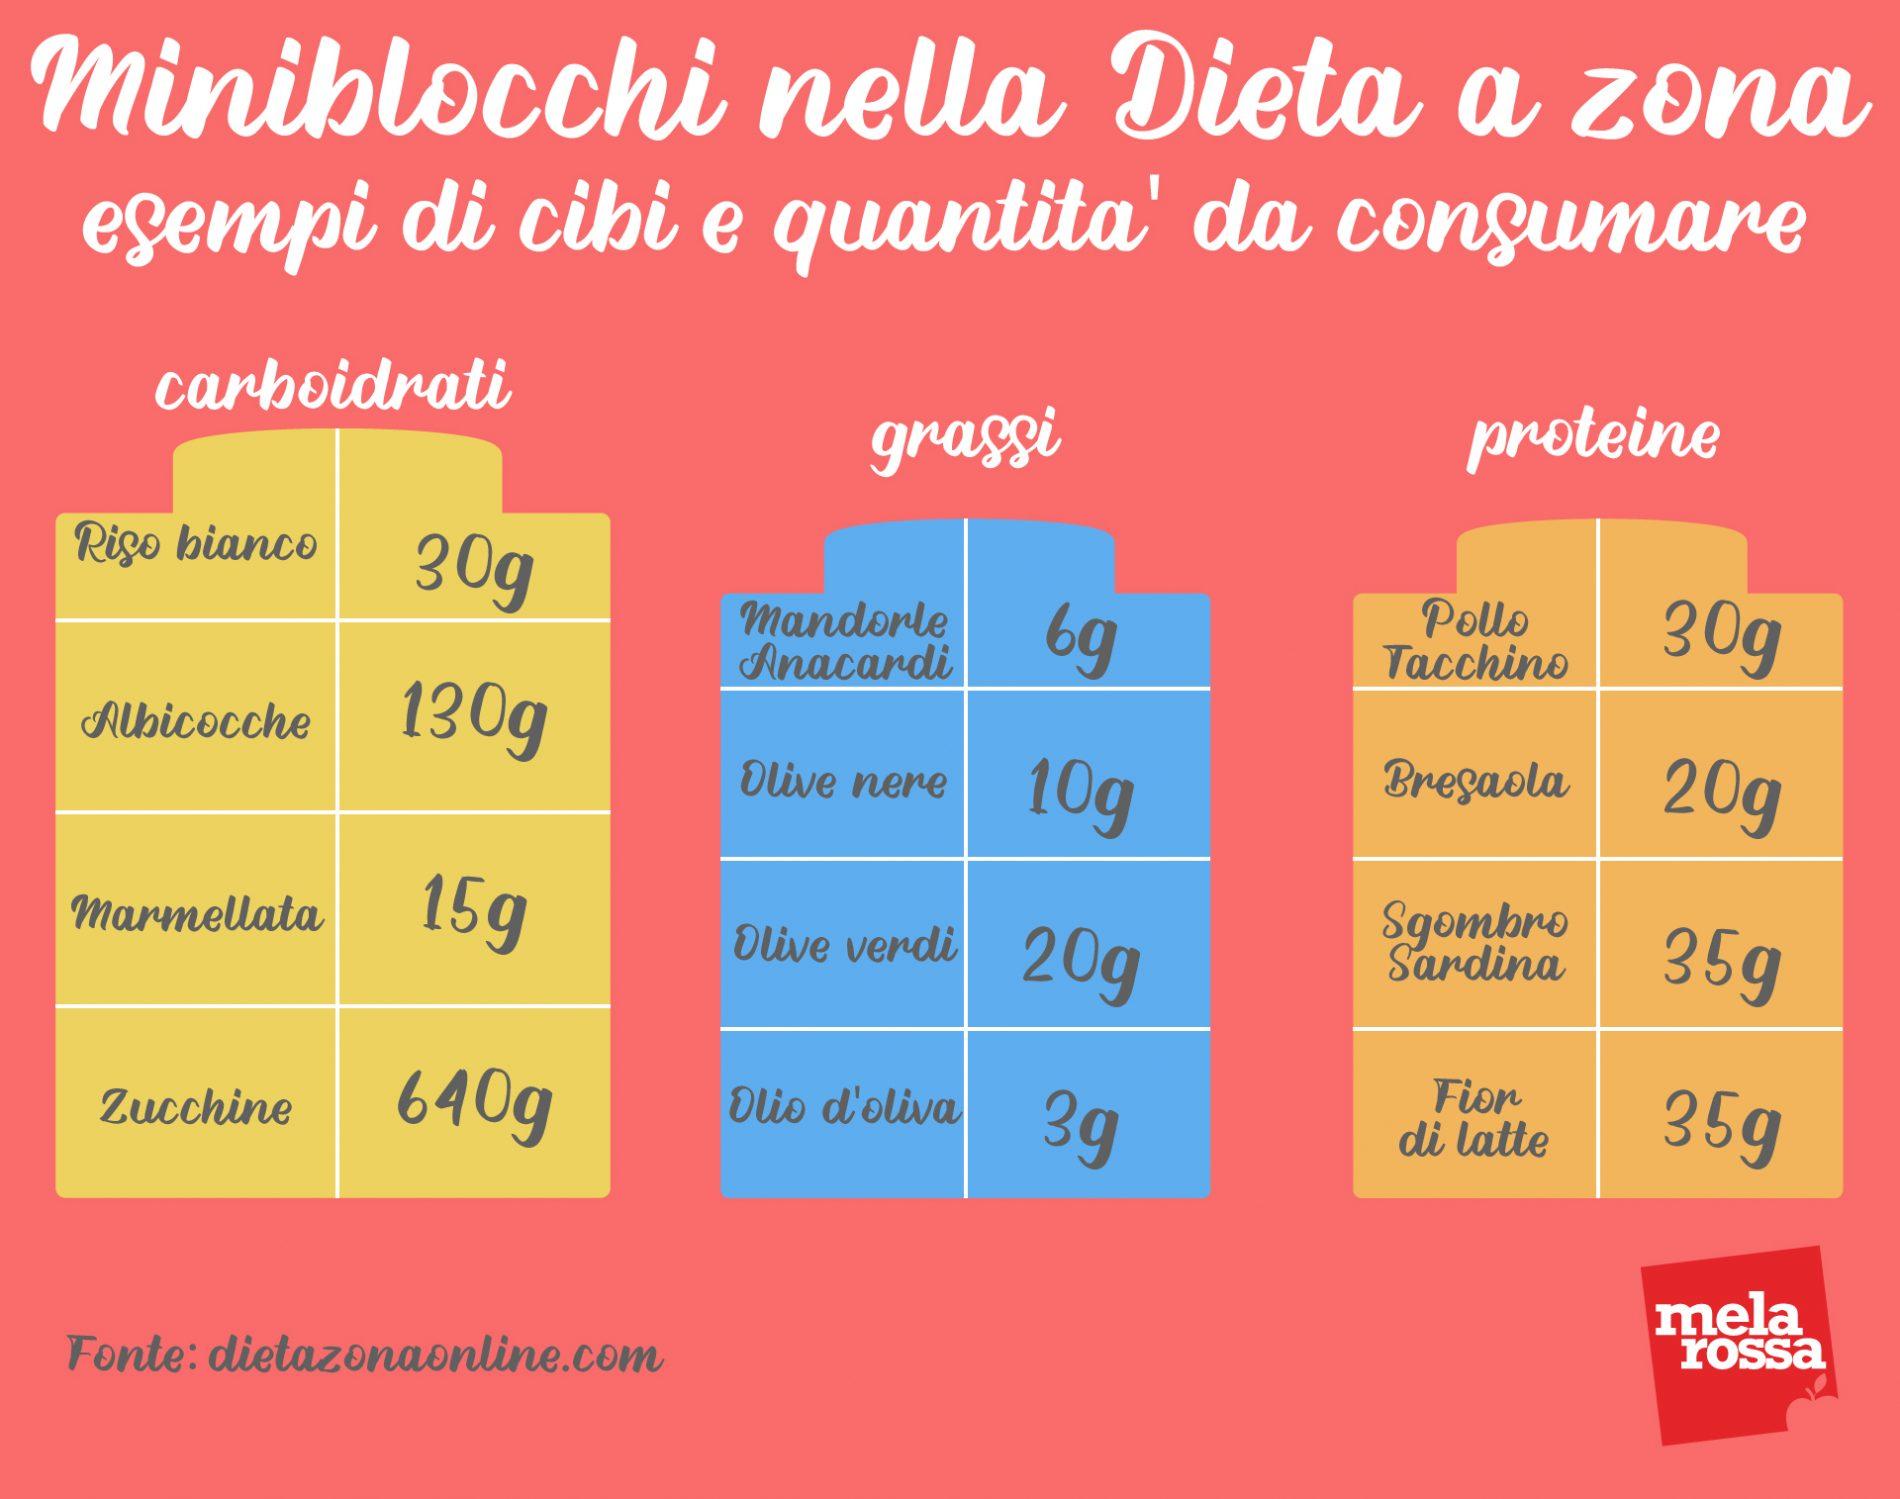 dieta a zona miniblocchi: esempi di cibi e quantità